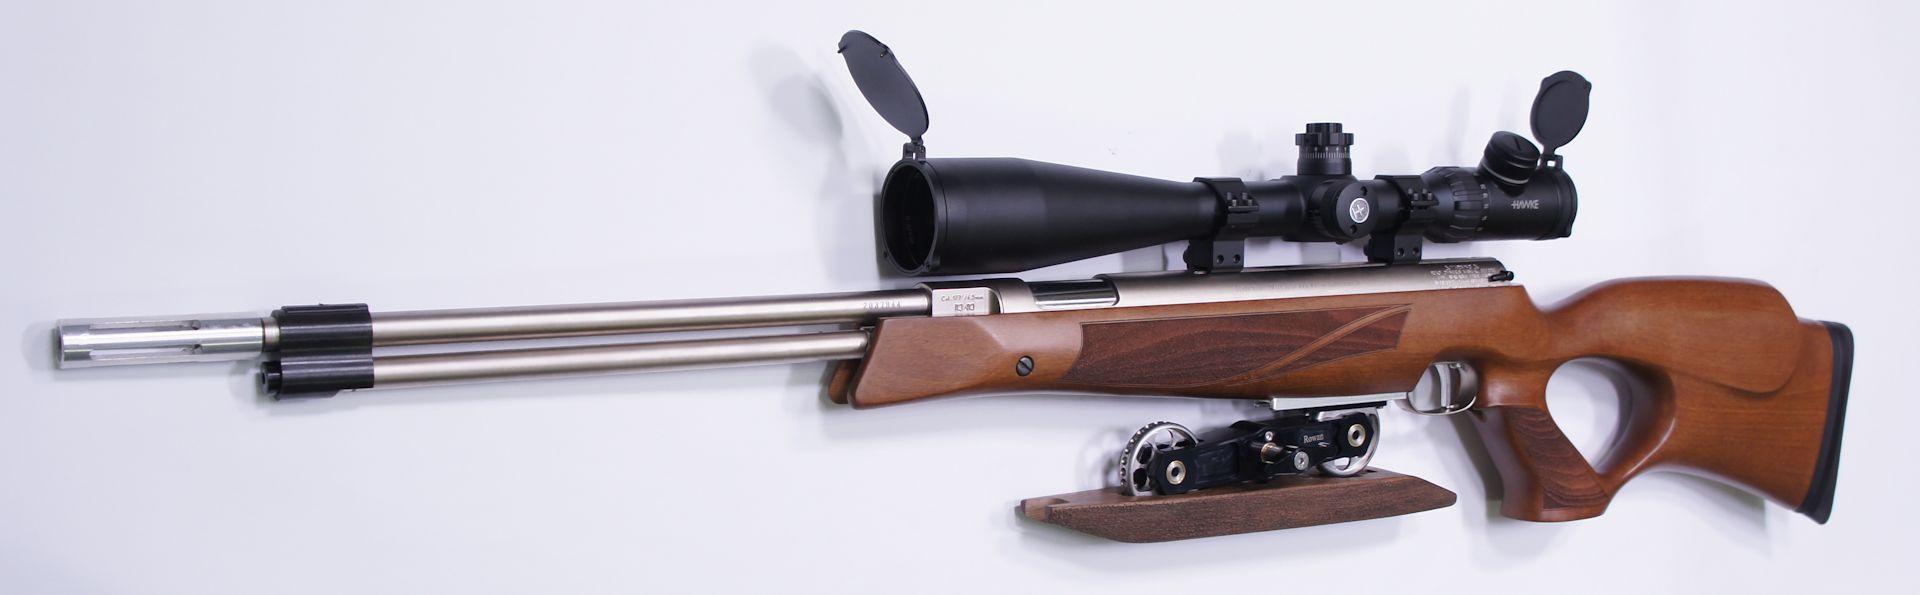 Montagebeipiel mit möglichem Zubehör: In diesem Wettkampfluftgewehr sind verschiedene Zubehörteile eingebaut.  Das abgebildete HW 77 K ist für das Field Target schießen hergerichtet.